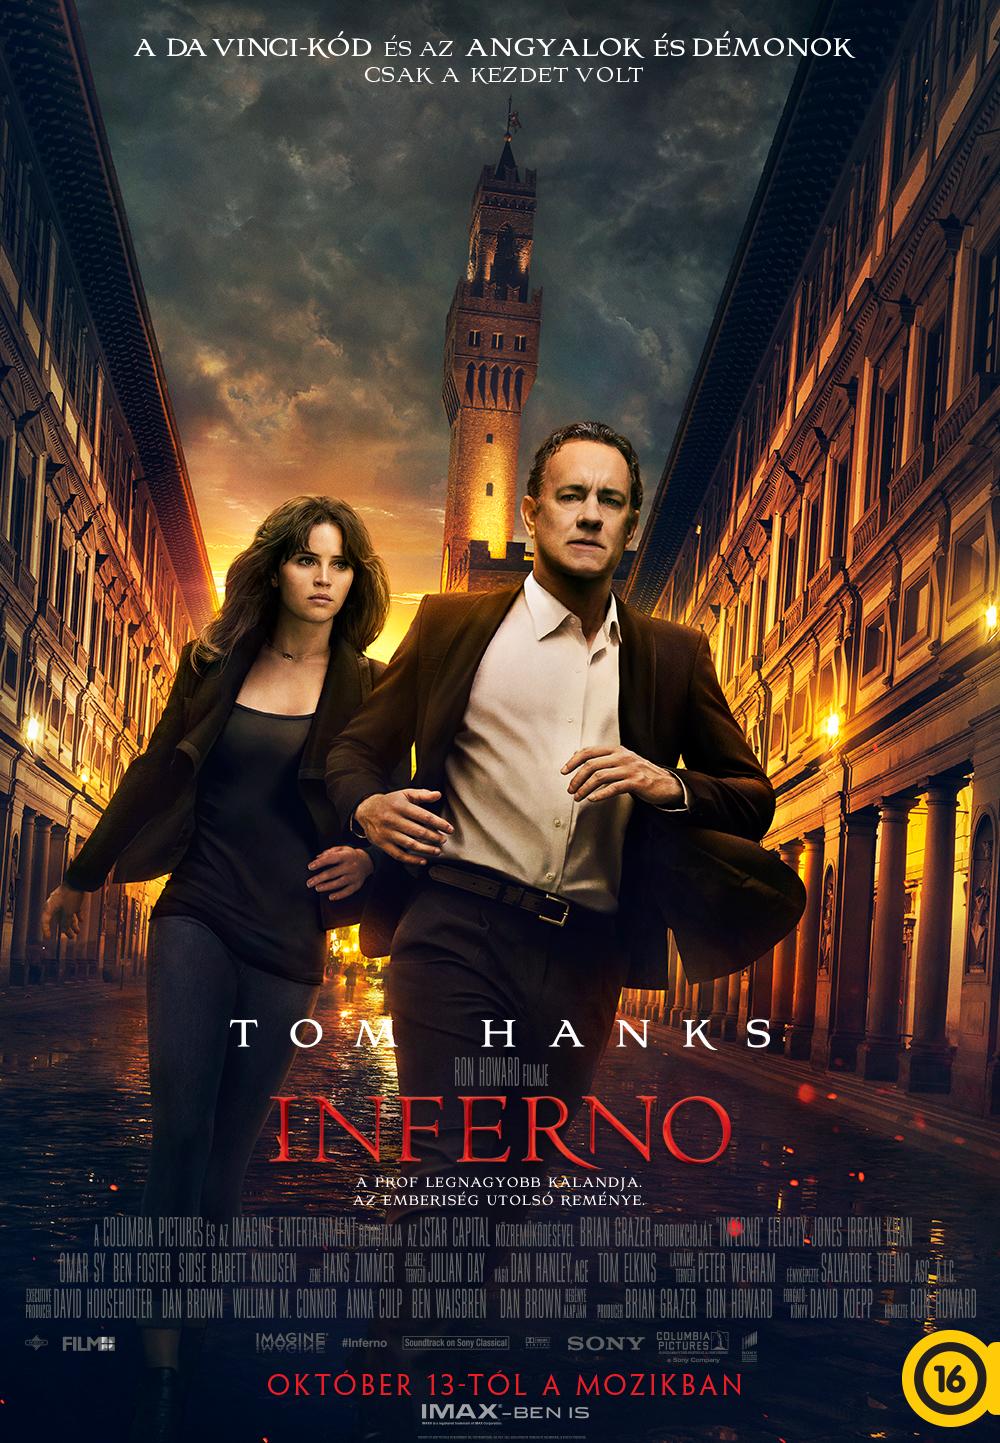 inferno-tom-hanks-felicity-jones-poszter.jpg